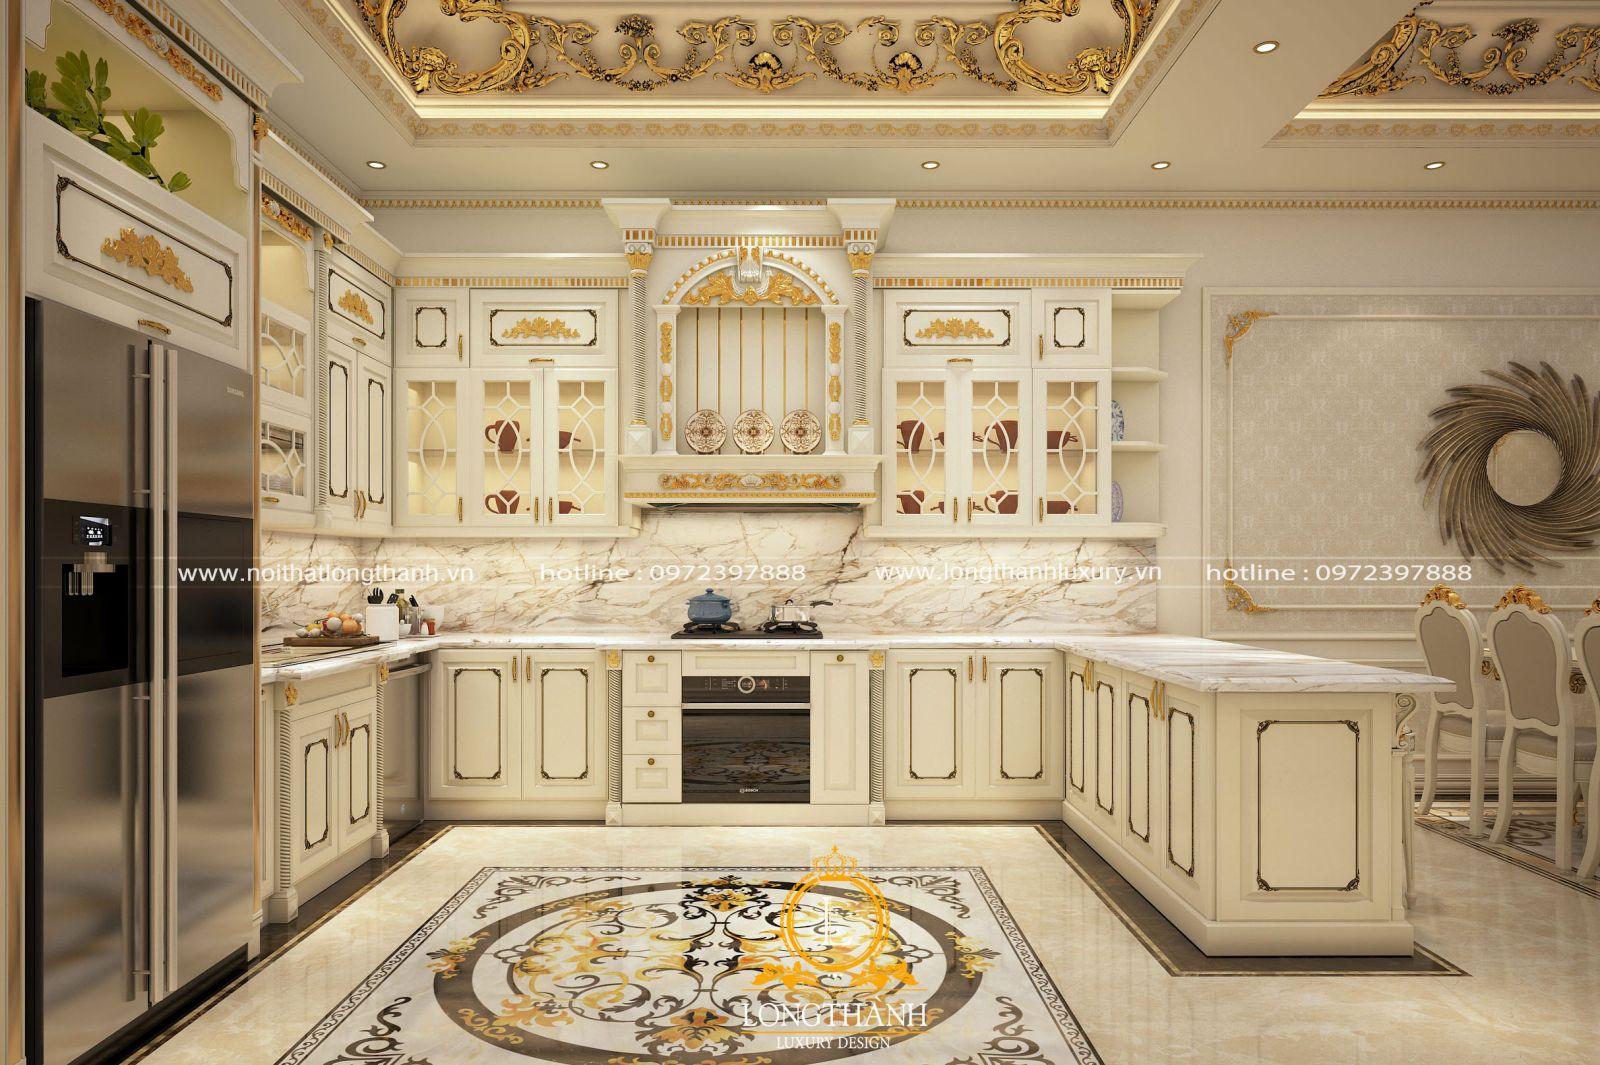 Mẫu tủ bếp gỗ tự nhiên sơn trắng dát vàng